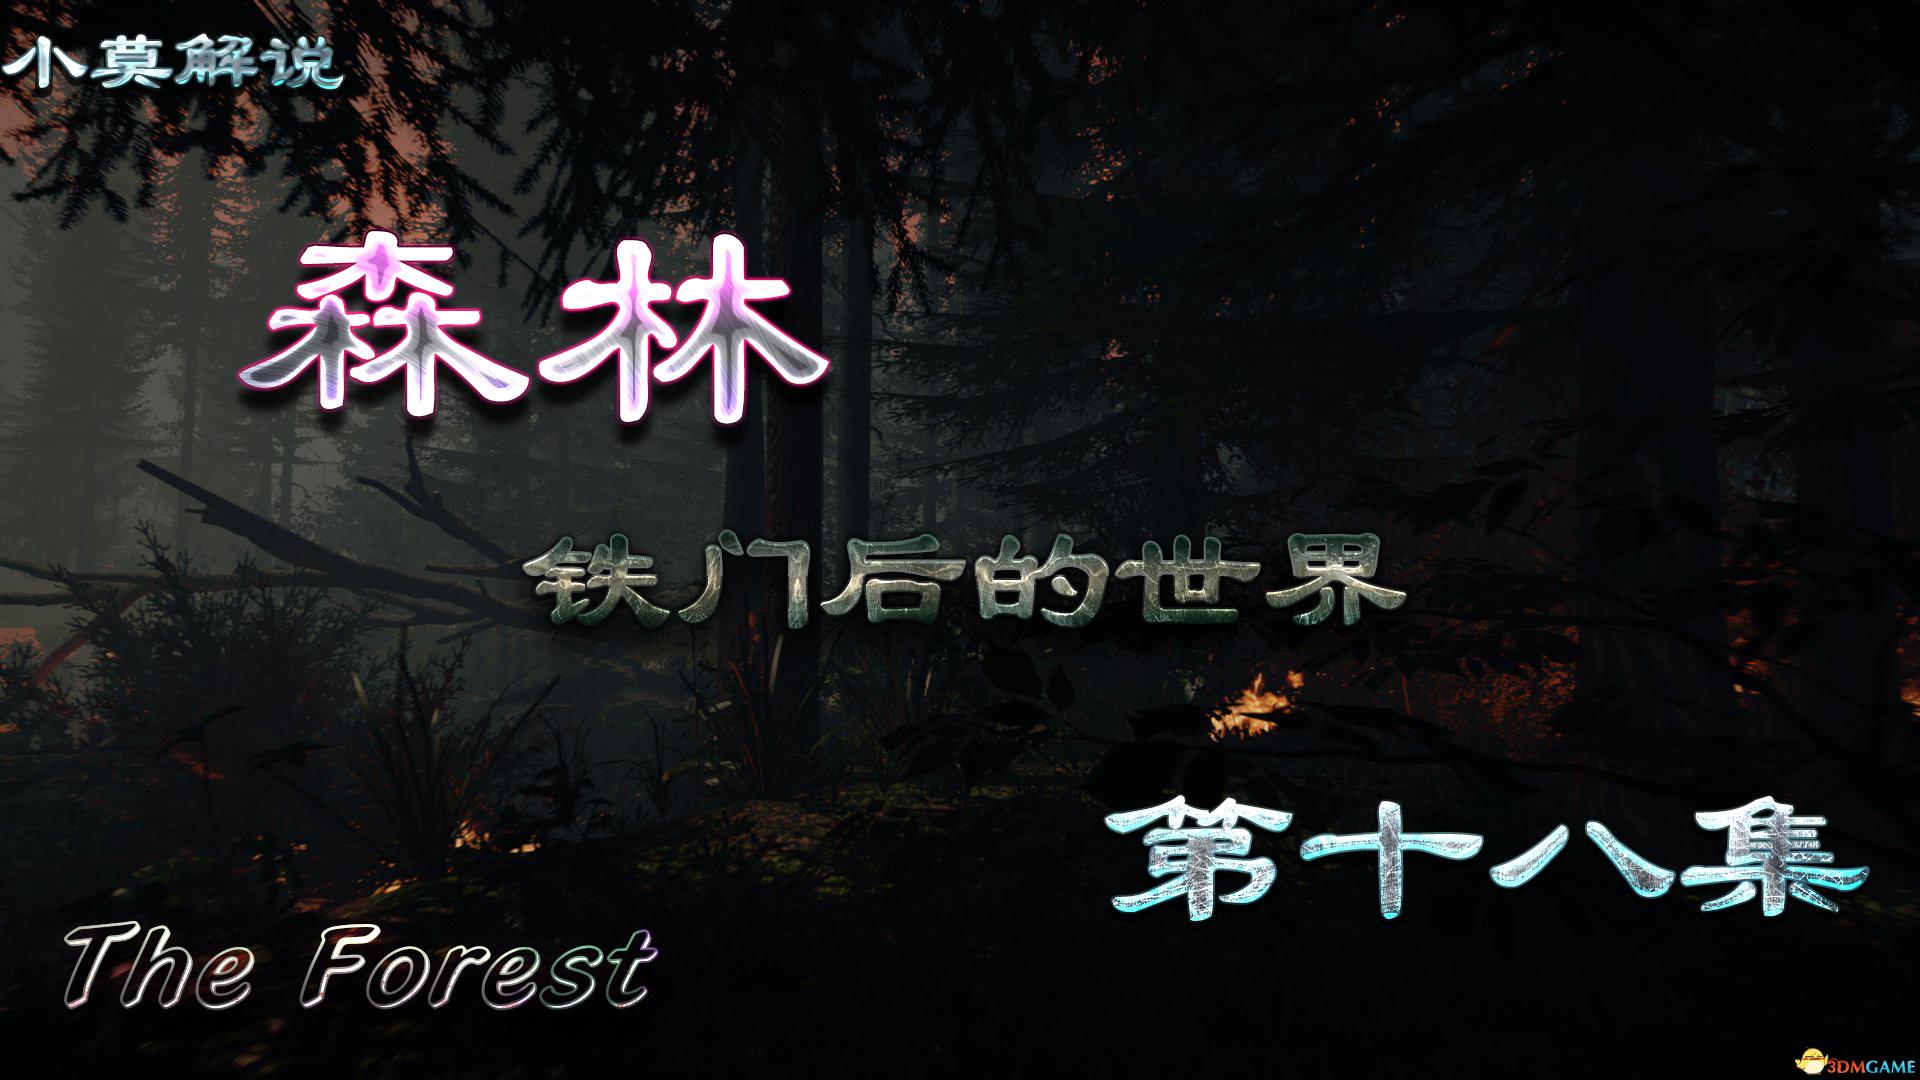 【森林】铁门后的世界-第十八集